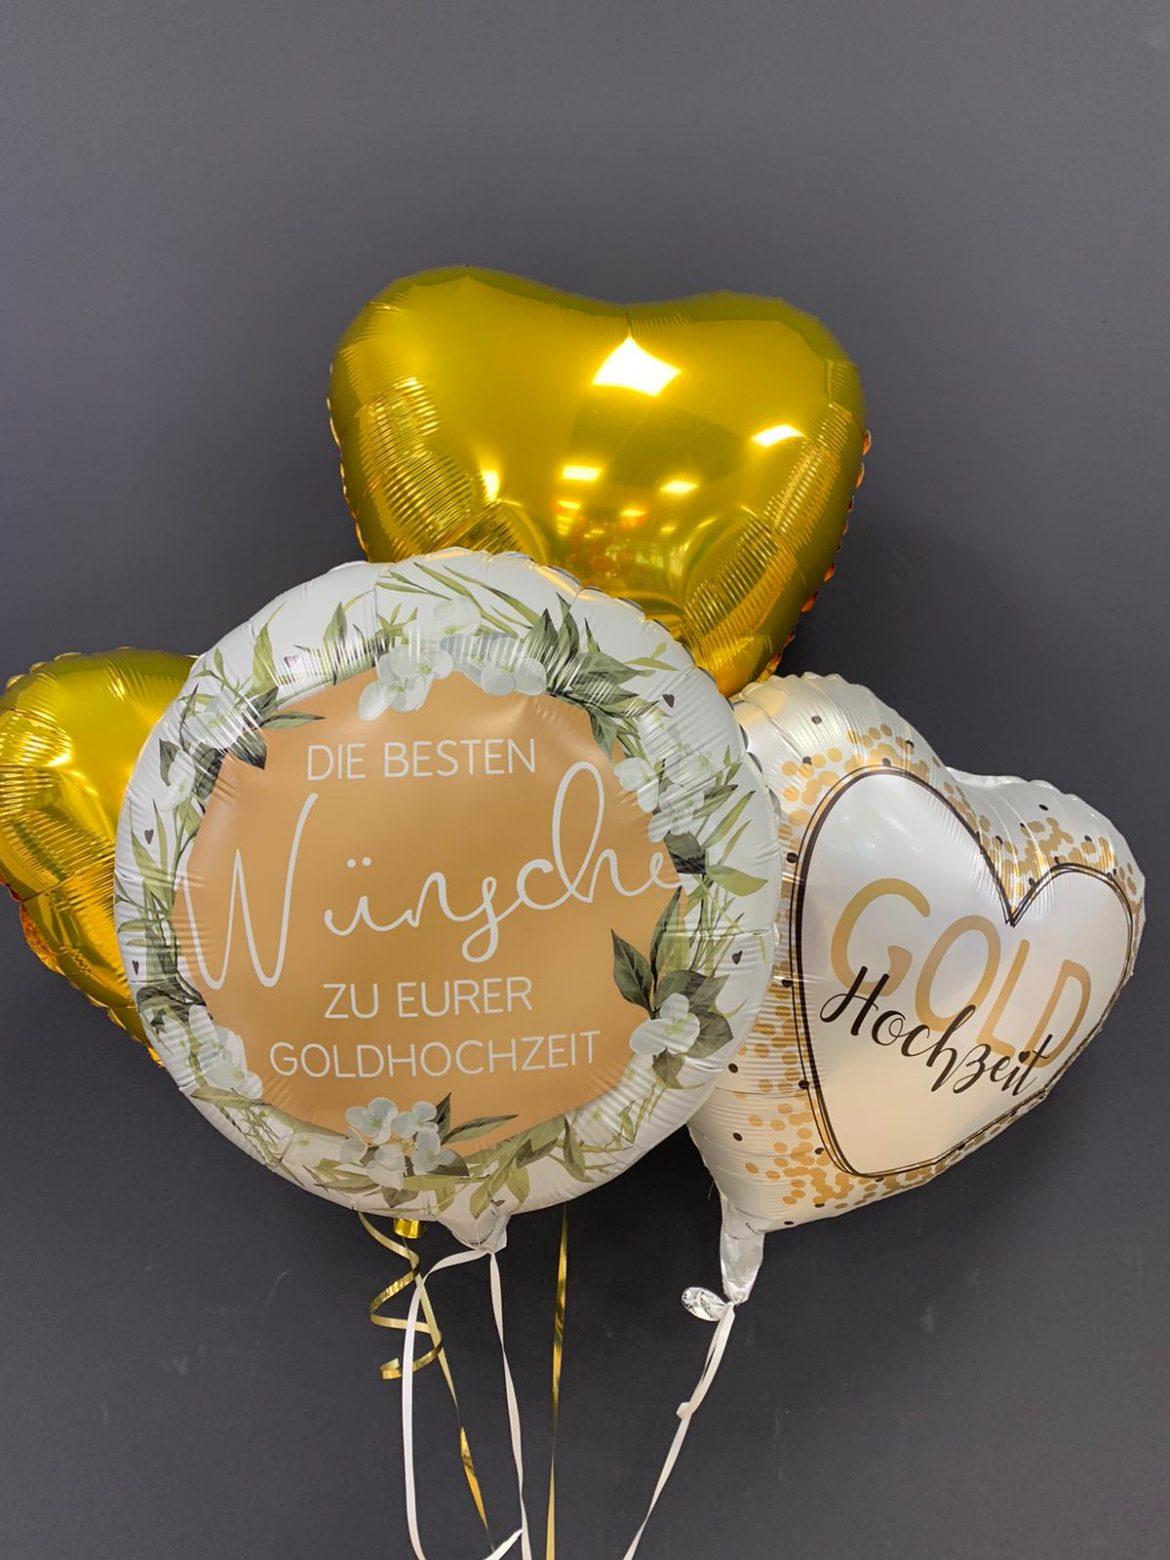 Wünsche zur Goldhochzeit Ballon € 5,90 und Dekoballons € 4,50 1